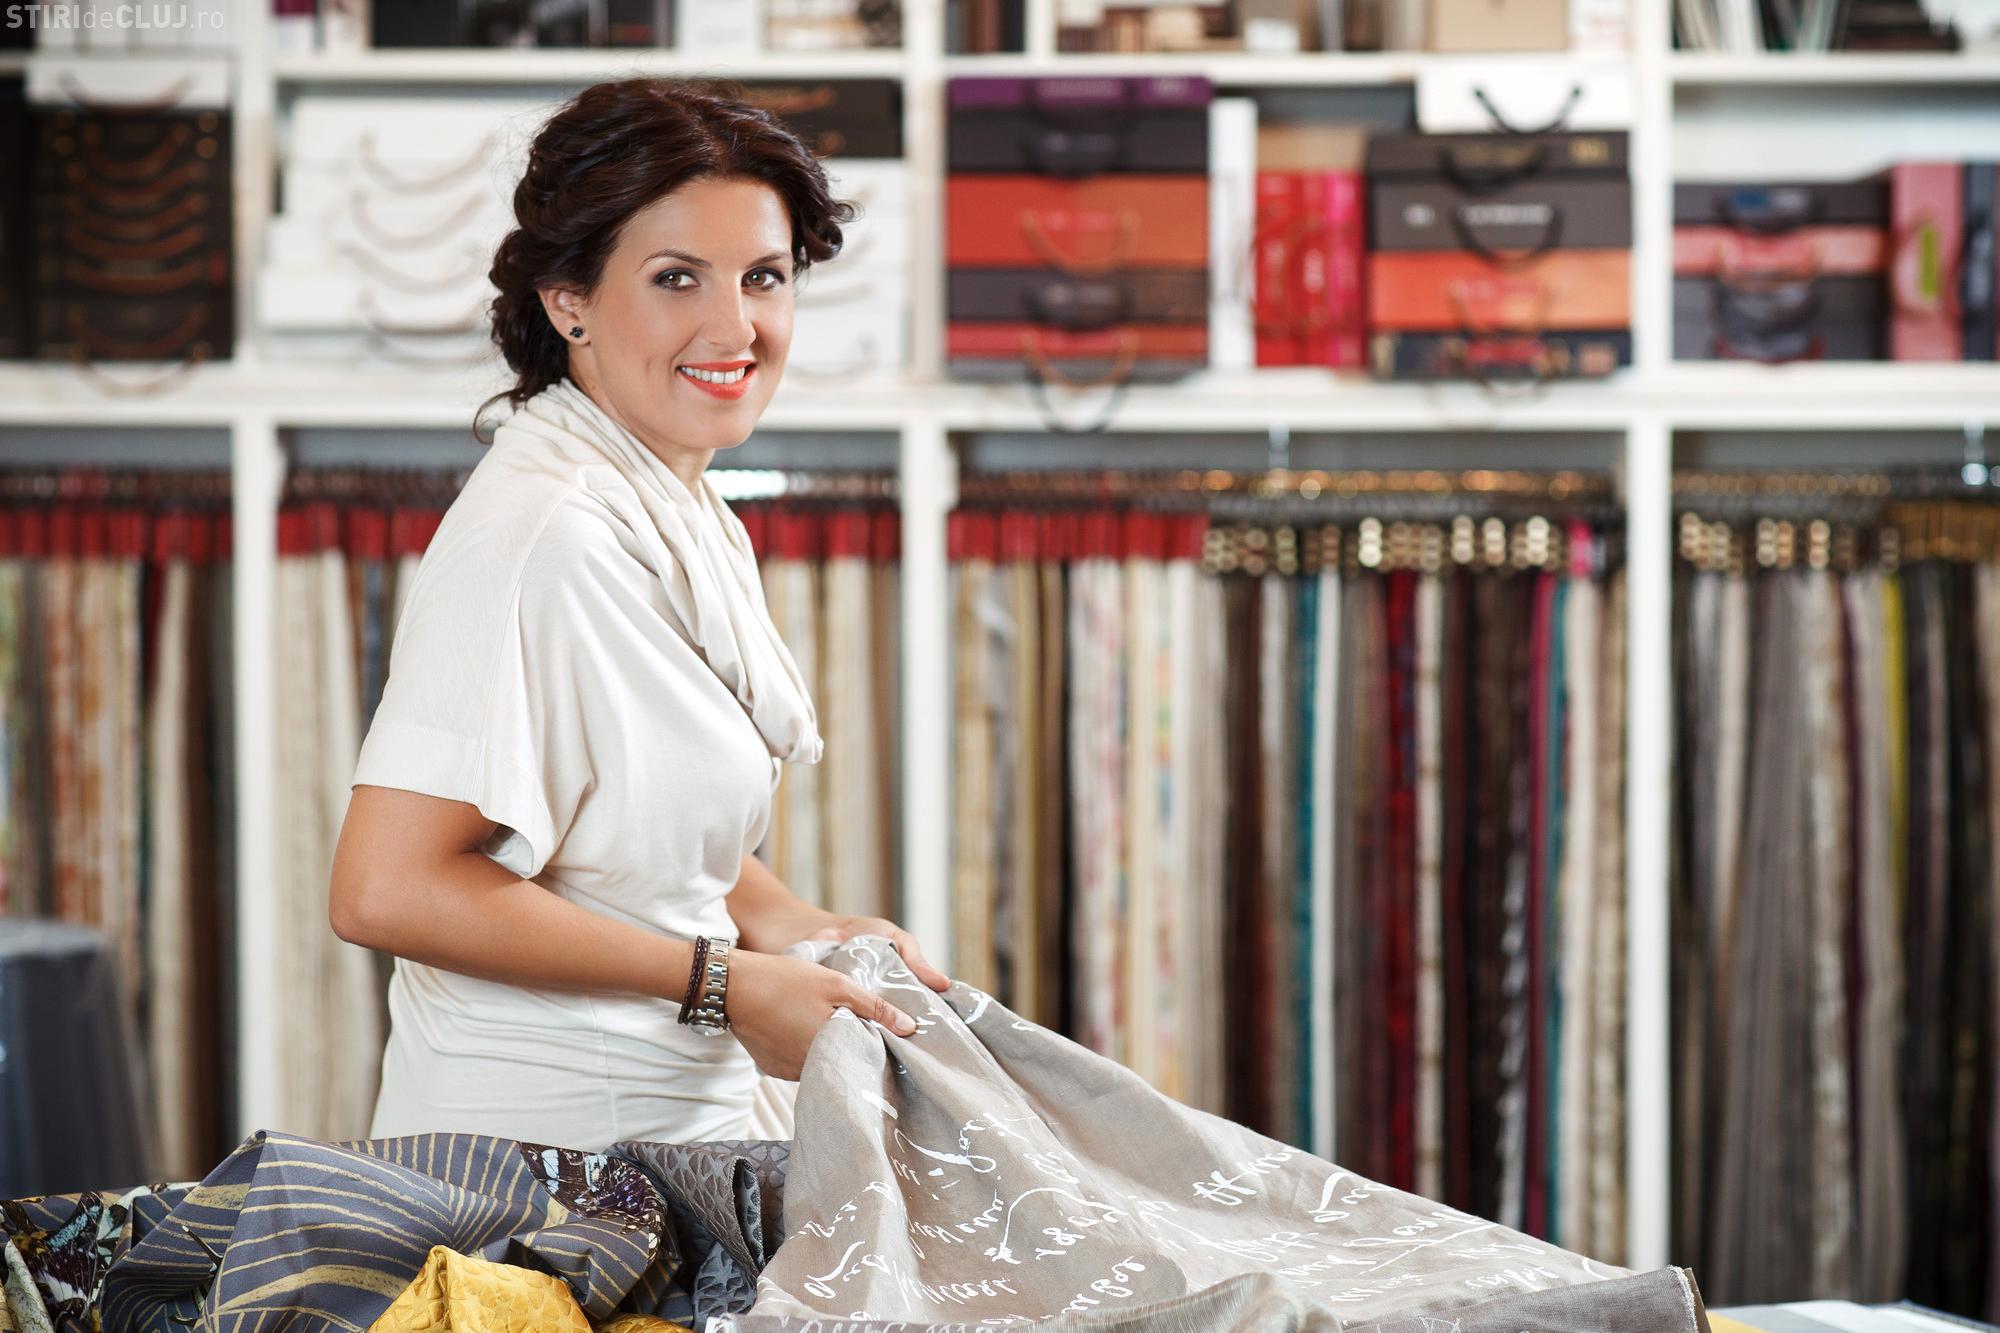 Designerul clujean, Ioana Mezei, preia 100% brandul Primera și deschide un nou showroom la Cluj - INTERVIU